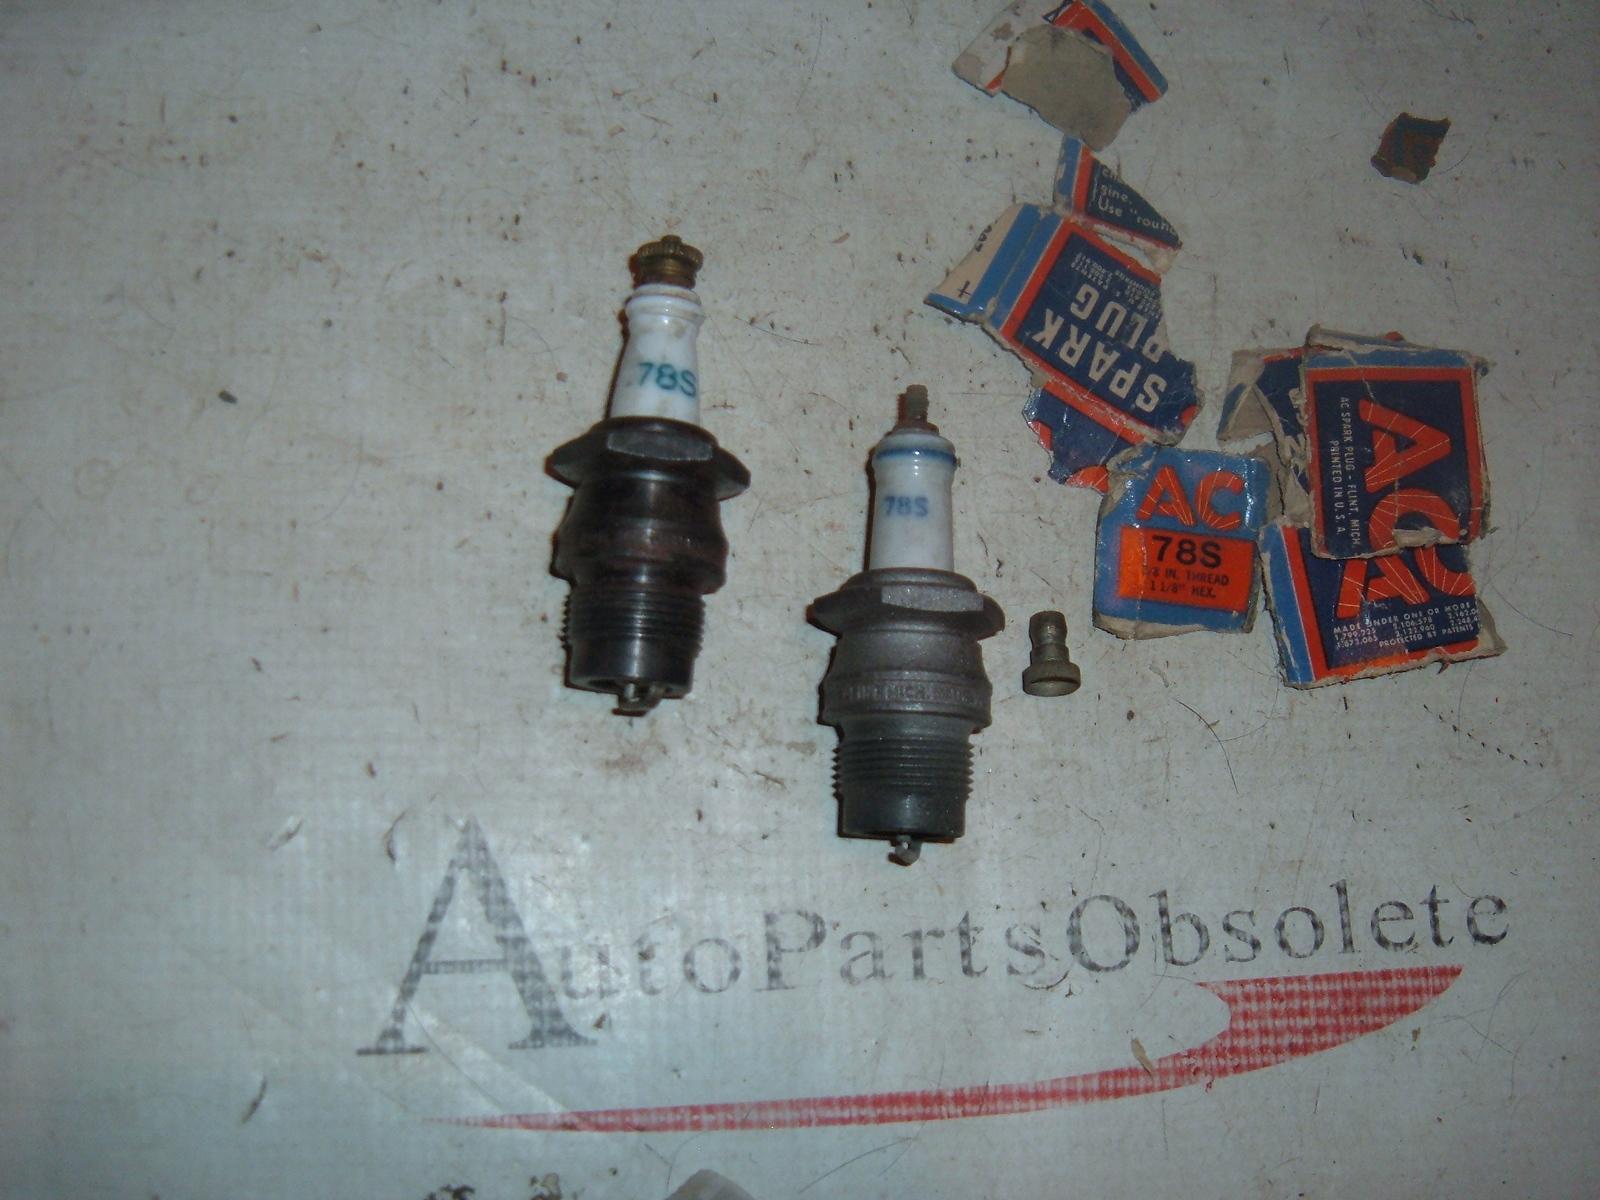 78s 78-s delco spark plug vintage nos delco (z 78s)